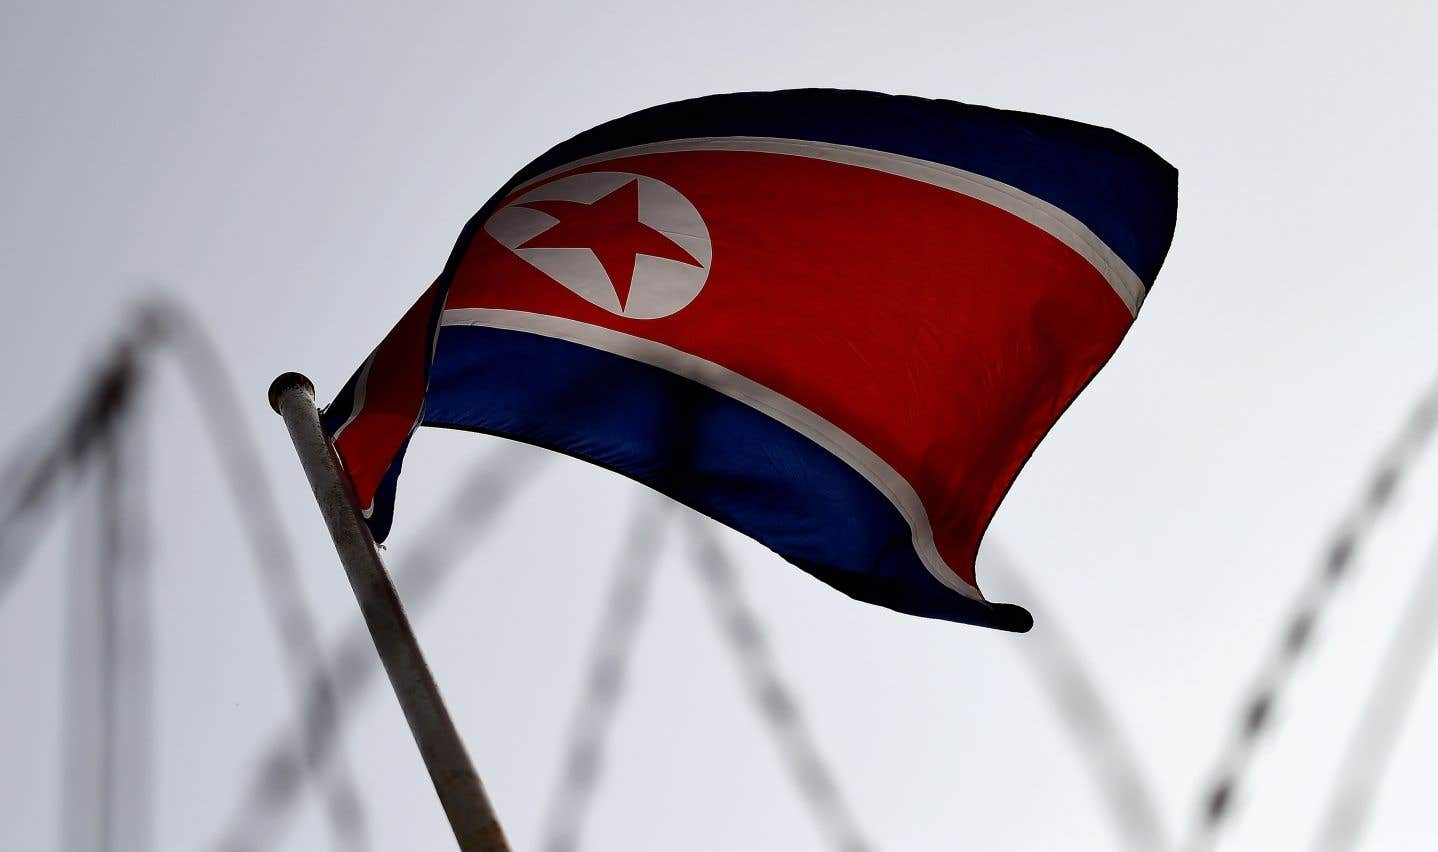 En 2017, le Conseil de sécurité a imposé trois séries de sanctions économiques à la Corée du Nord qui touchent notamment ses exportations de charbon, de fer, sa pêche et son textile.